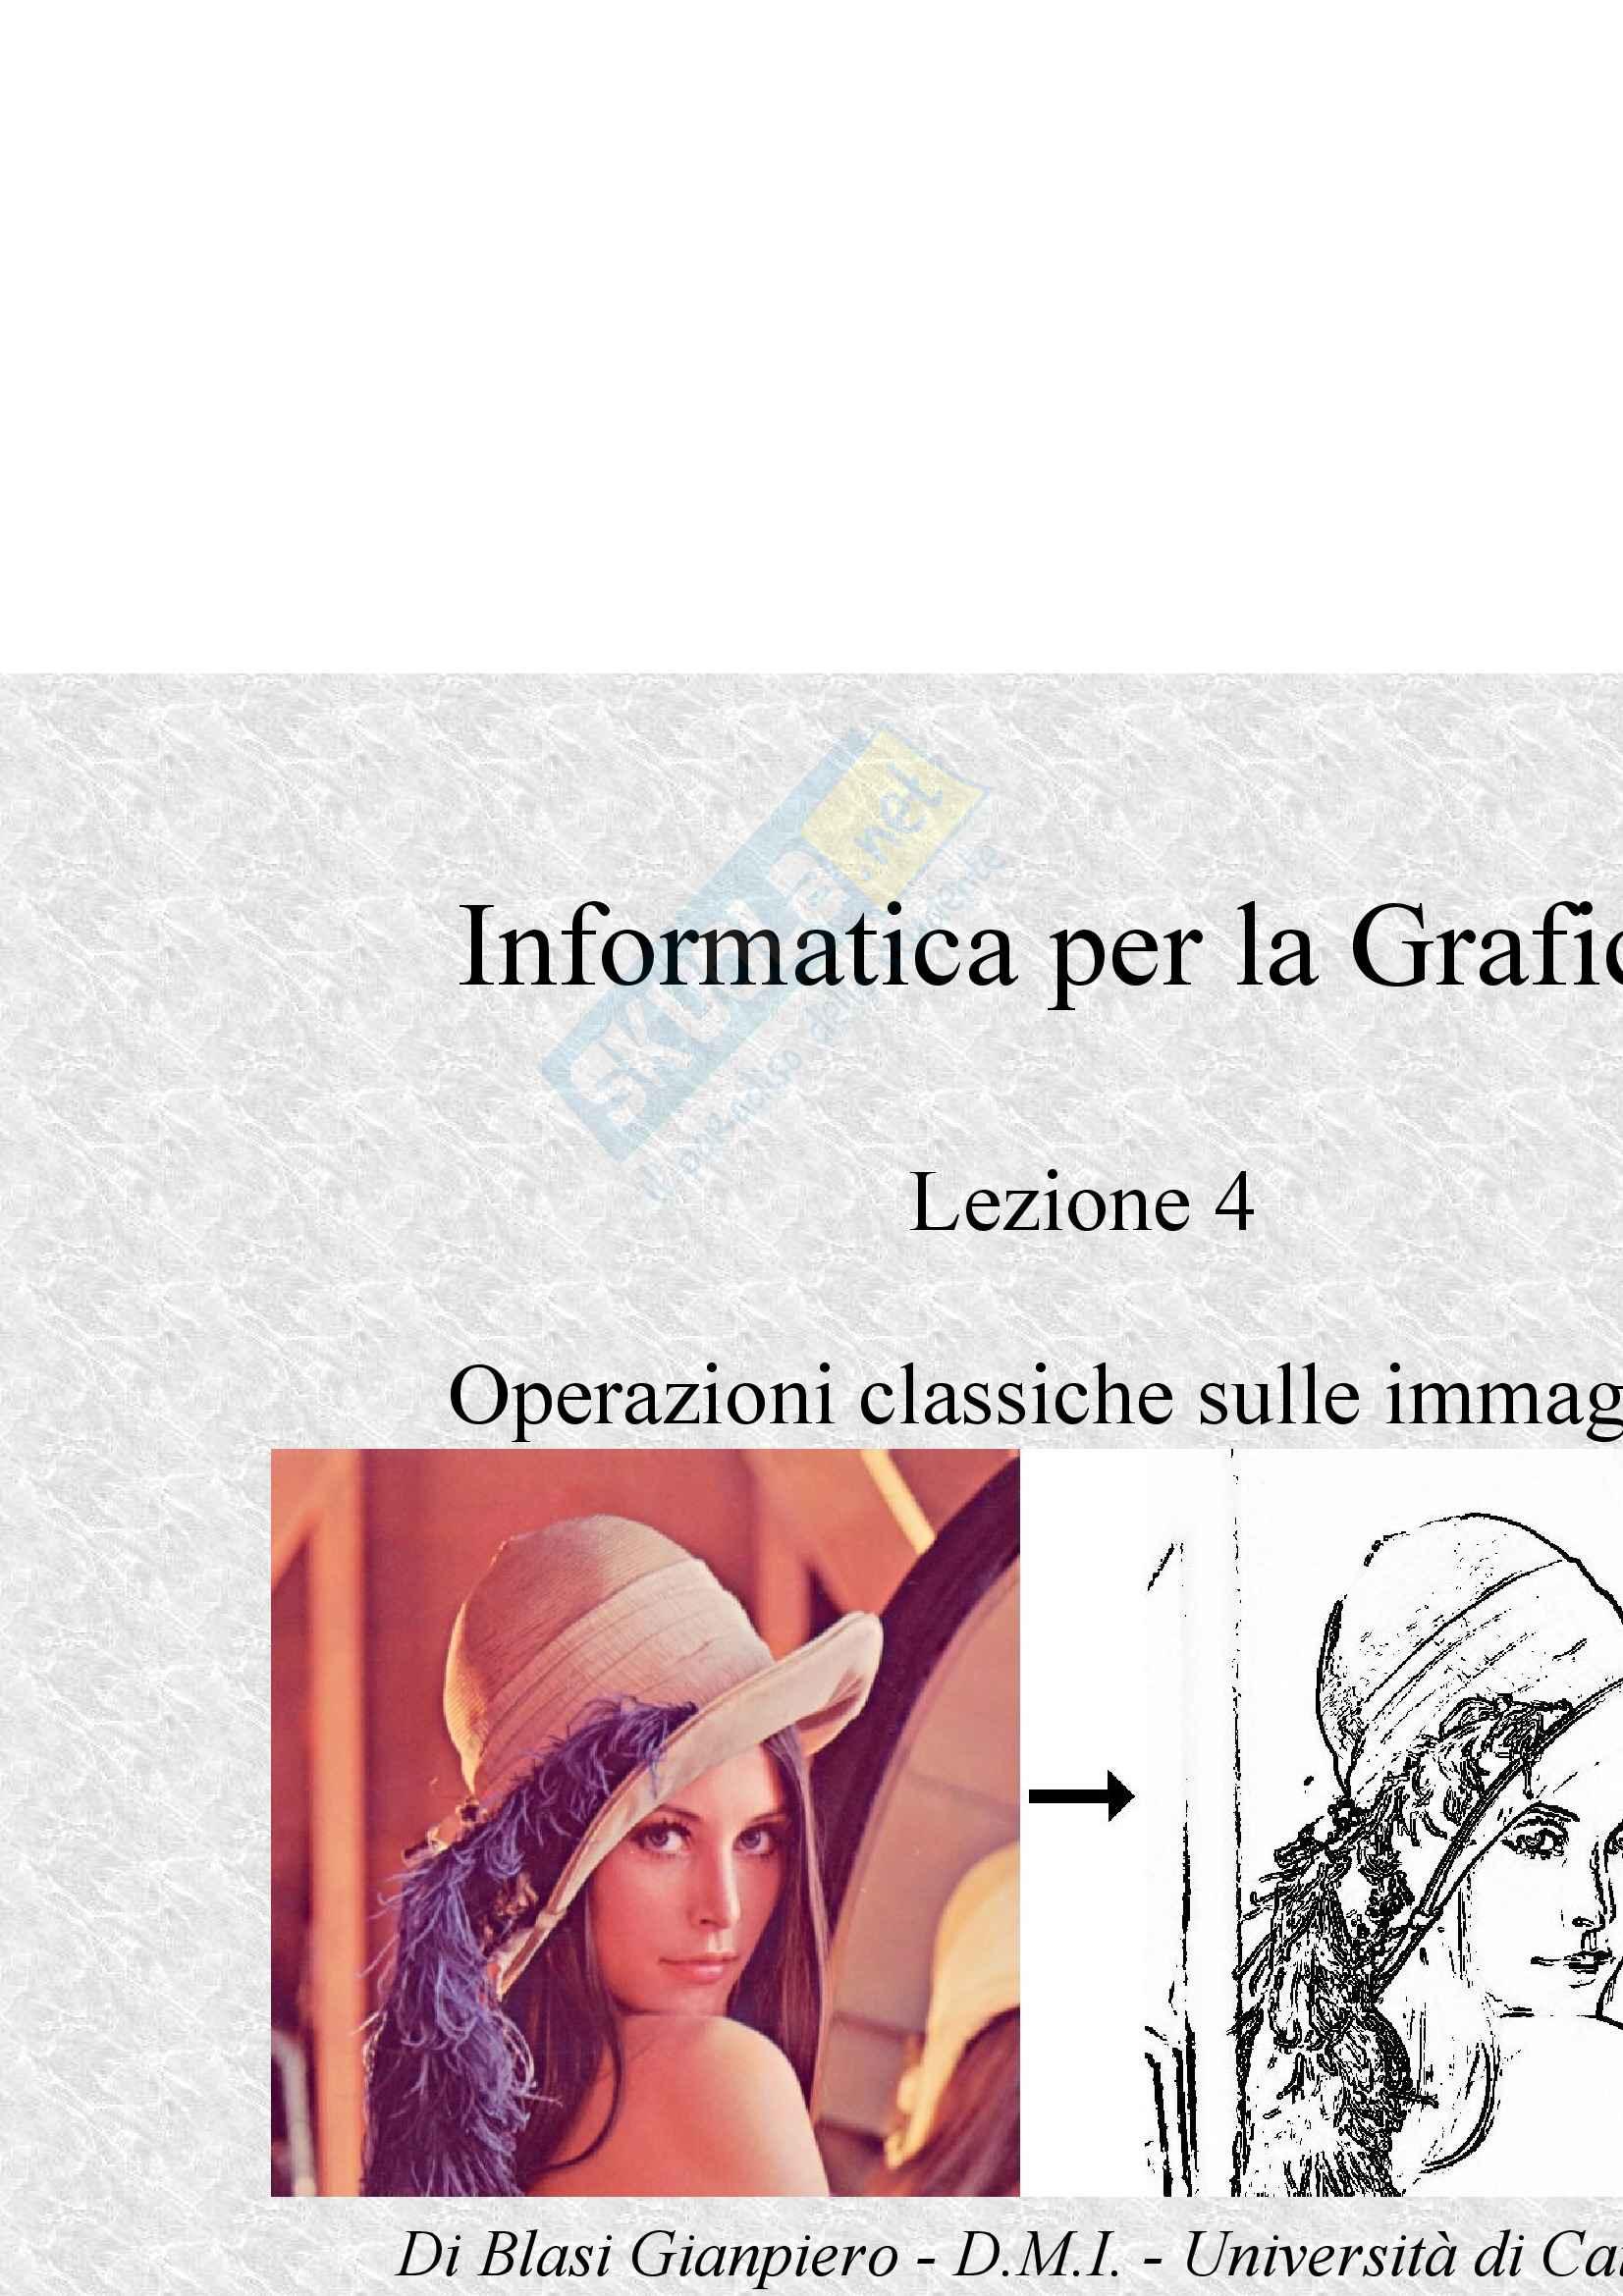 Operazioni classiche sulle immagini